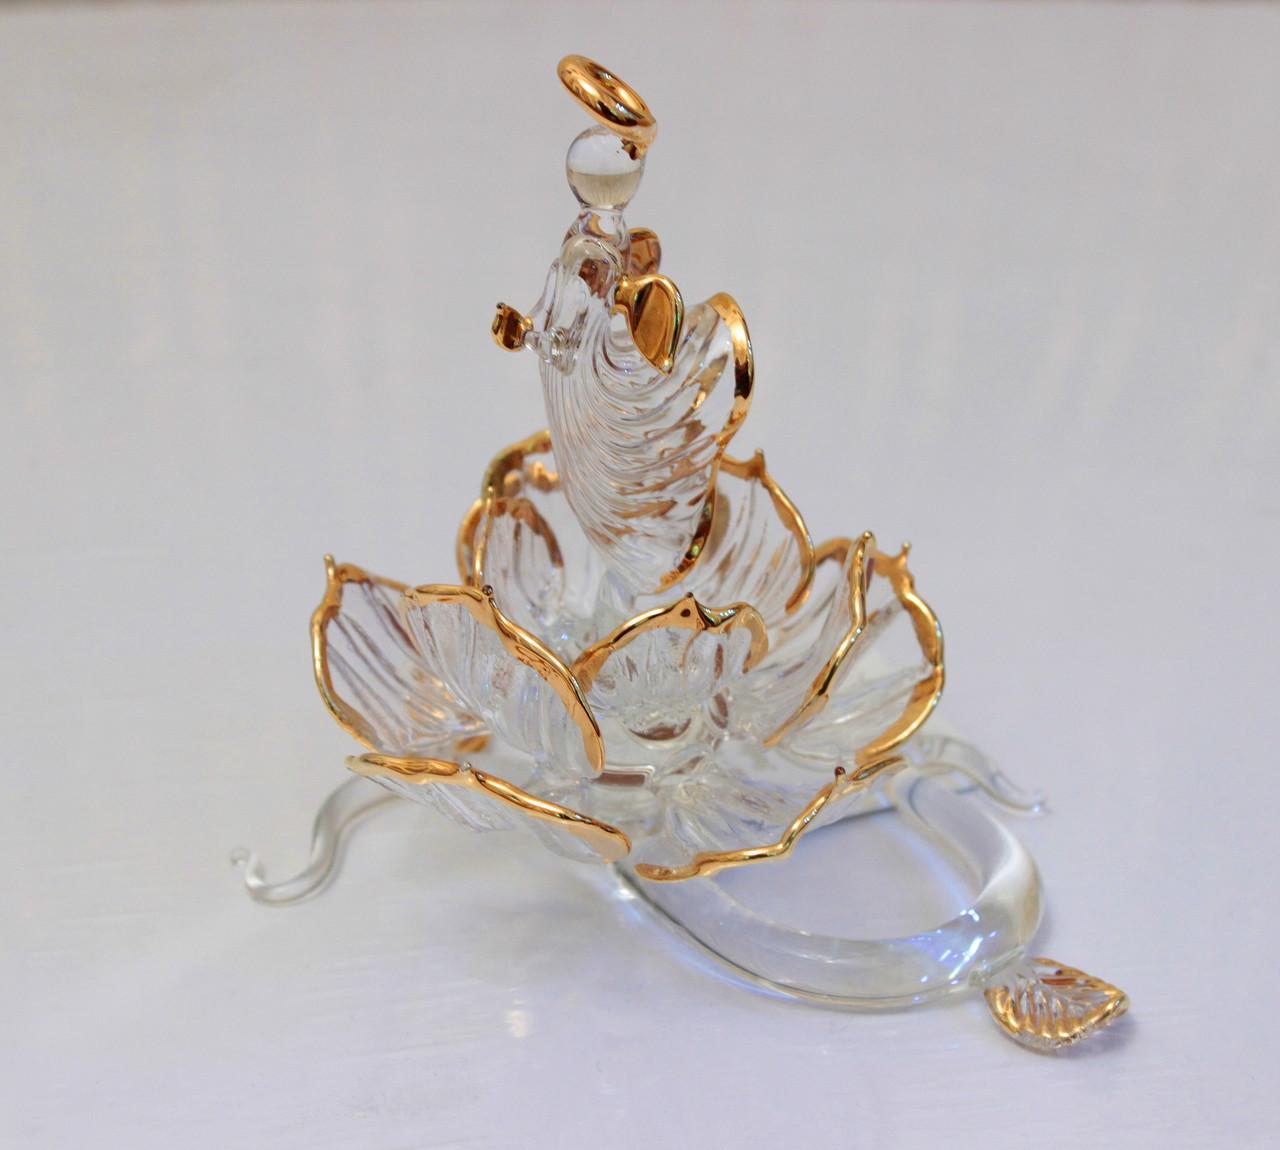 Сувенир Ангел в цветке. Венецианское стекло, Италия, Ручная работа